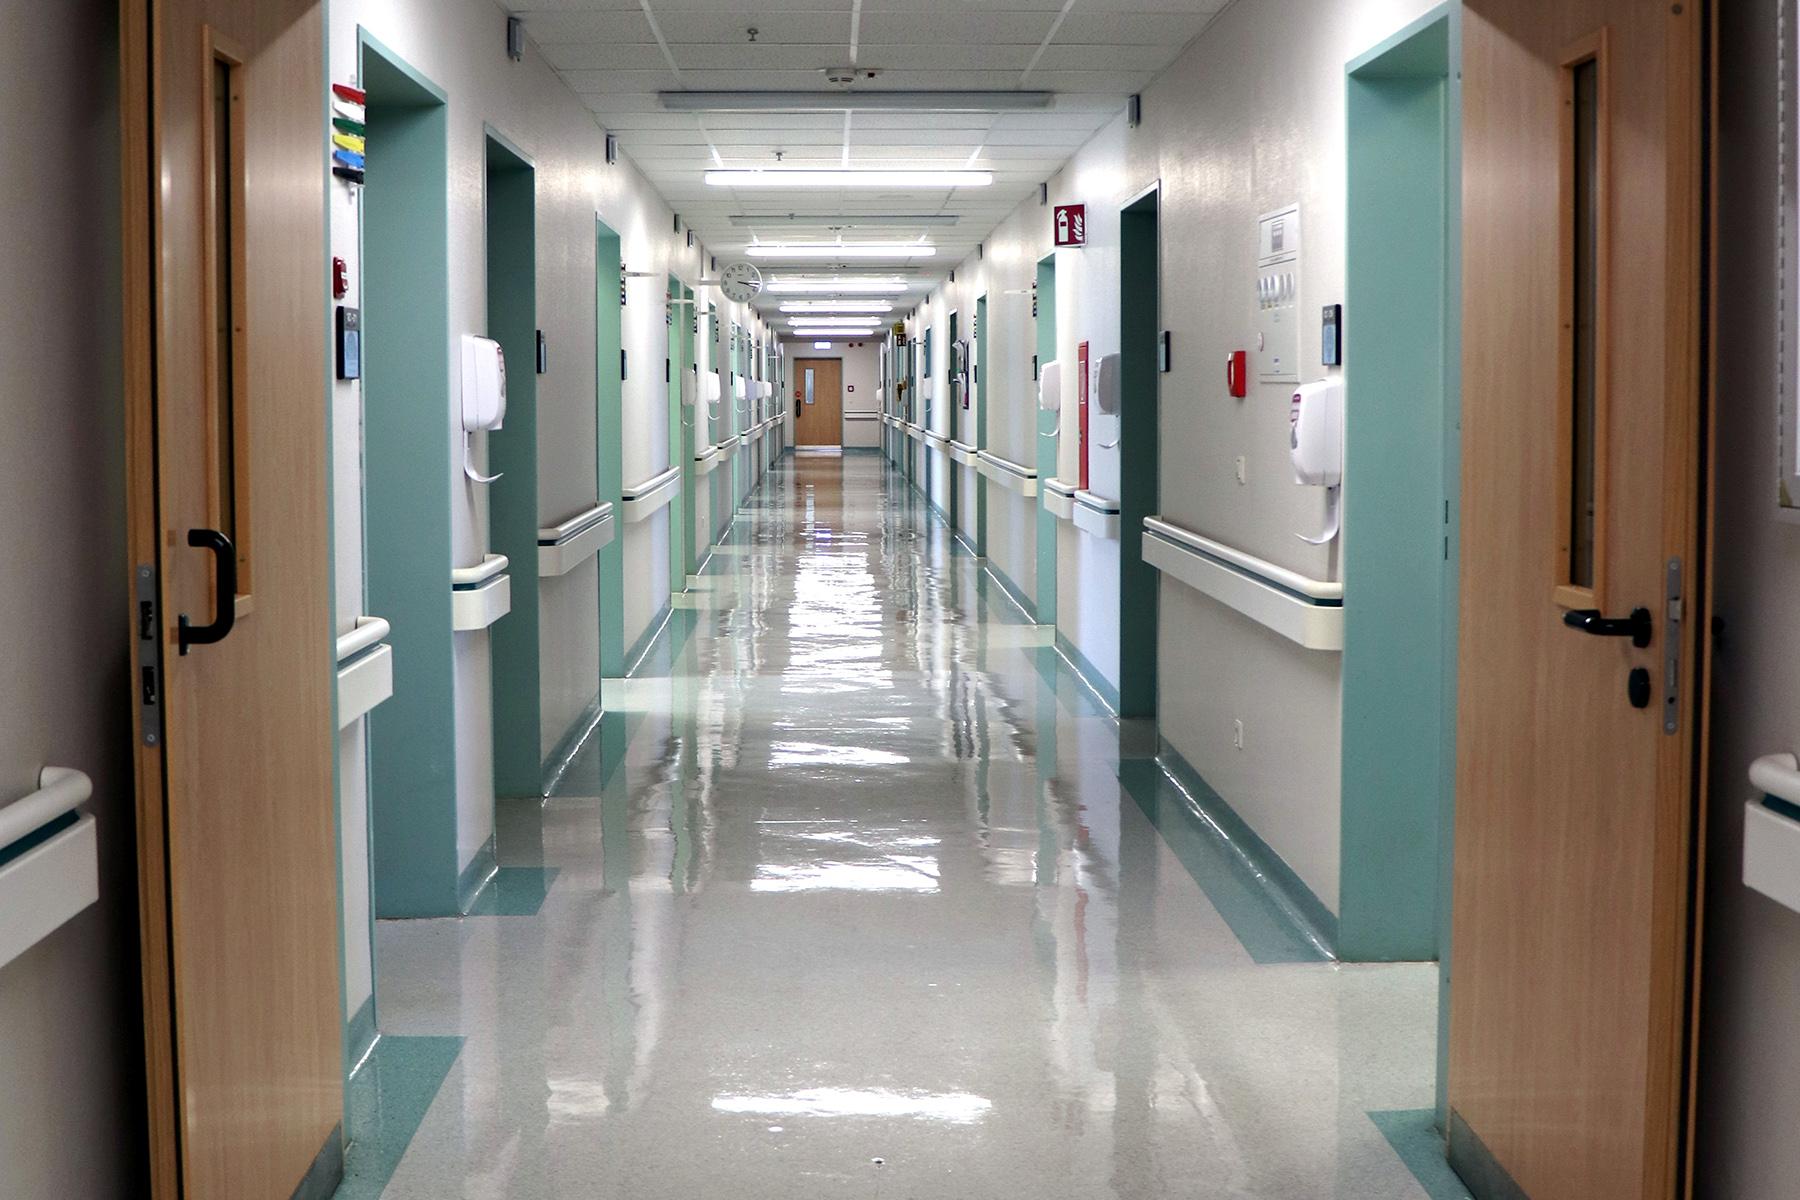 A hospital hallway in Landstuhl